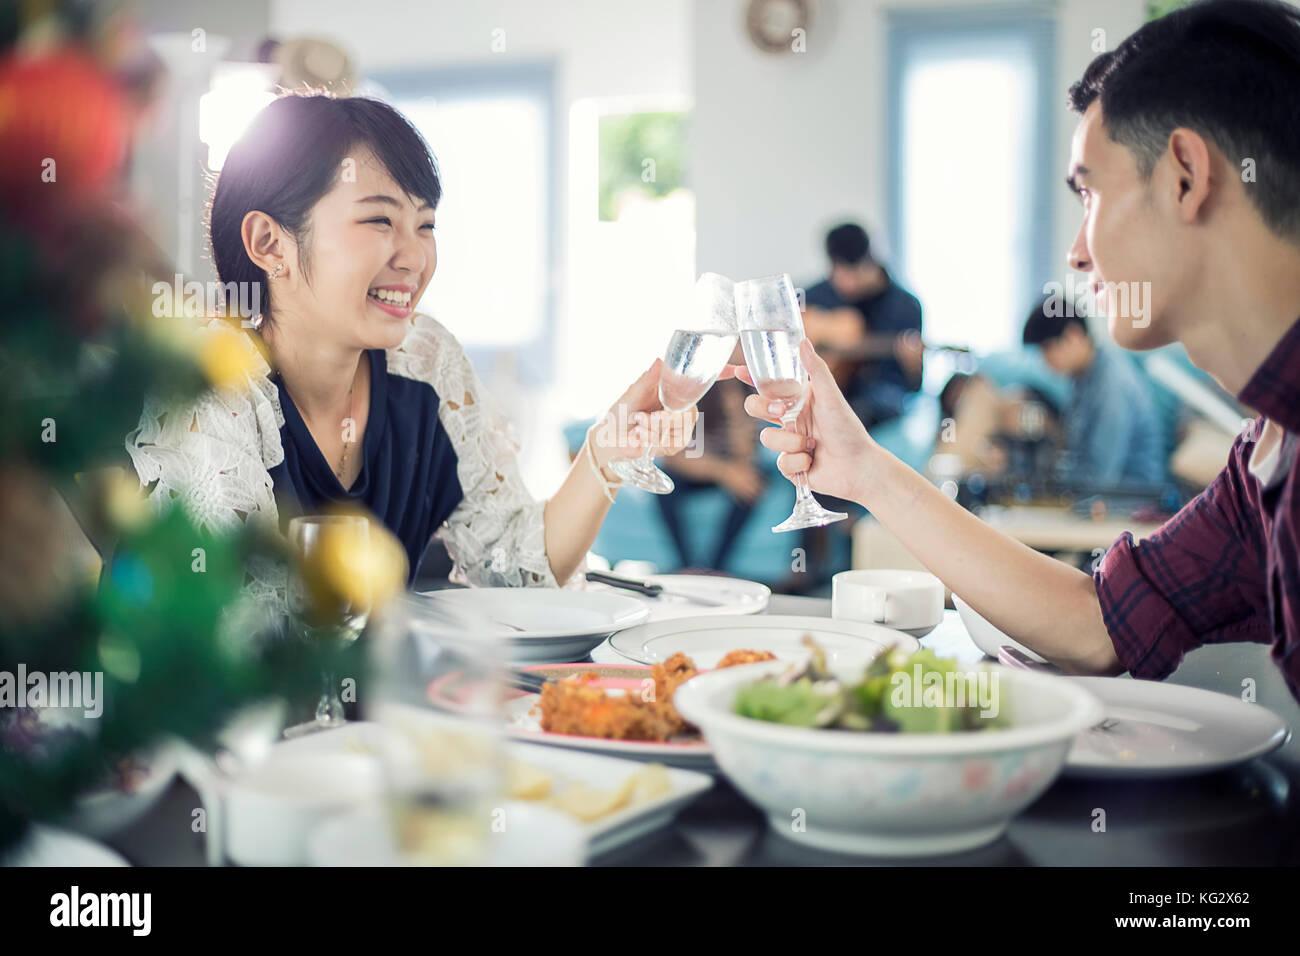 Pareja joven asiática disfruta de una romántica cena bebidas por la noche mientras estaba sentado en la Imagen De Stock